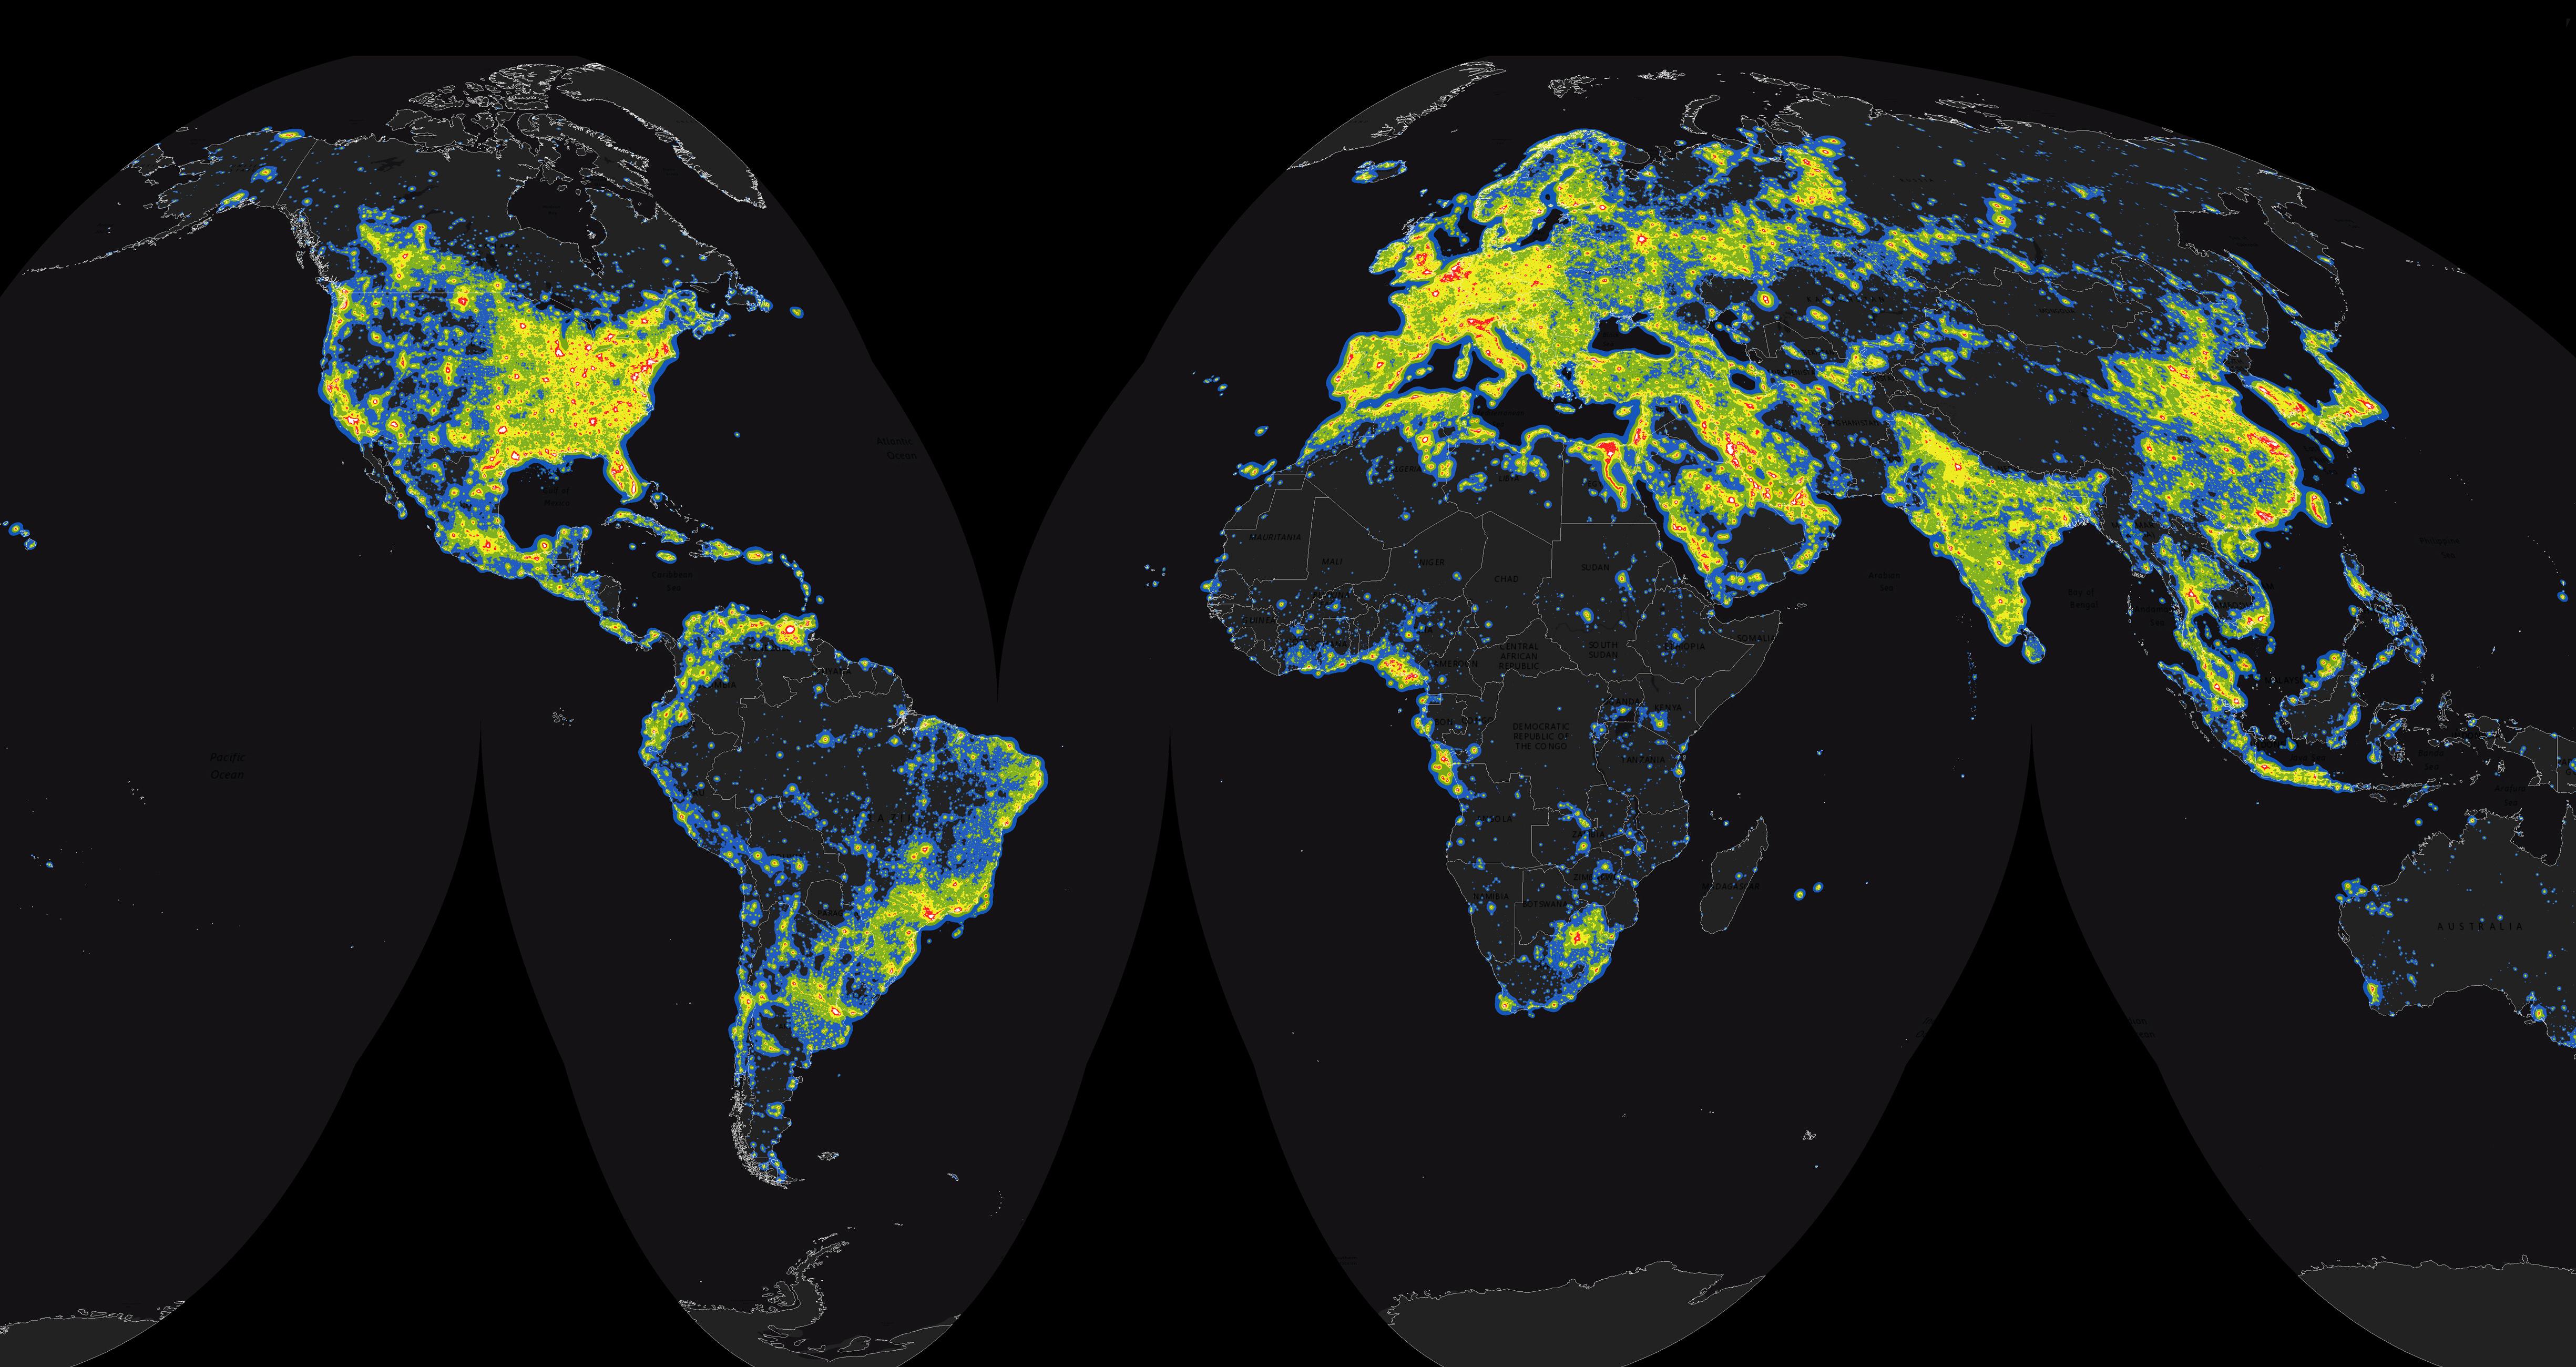 A contaminación luminosa provoca efectos non desexados na natureza e na nosa saúde. E tamén nos priva da beleza do firmamento